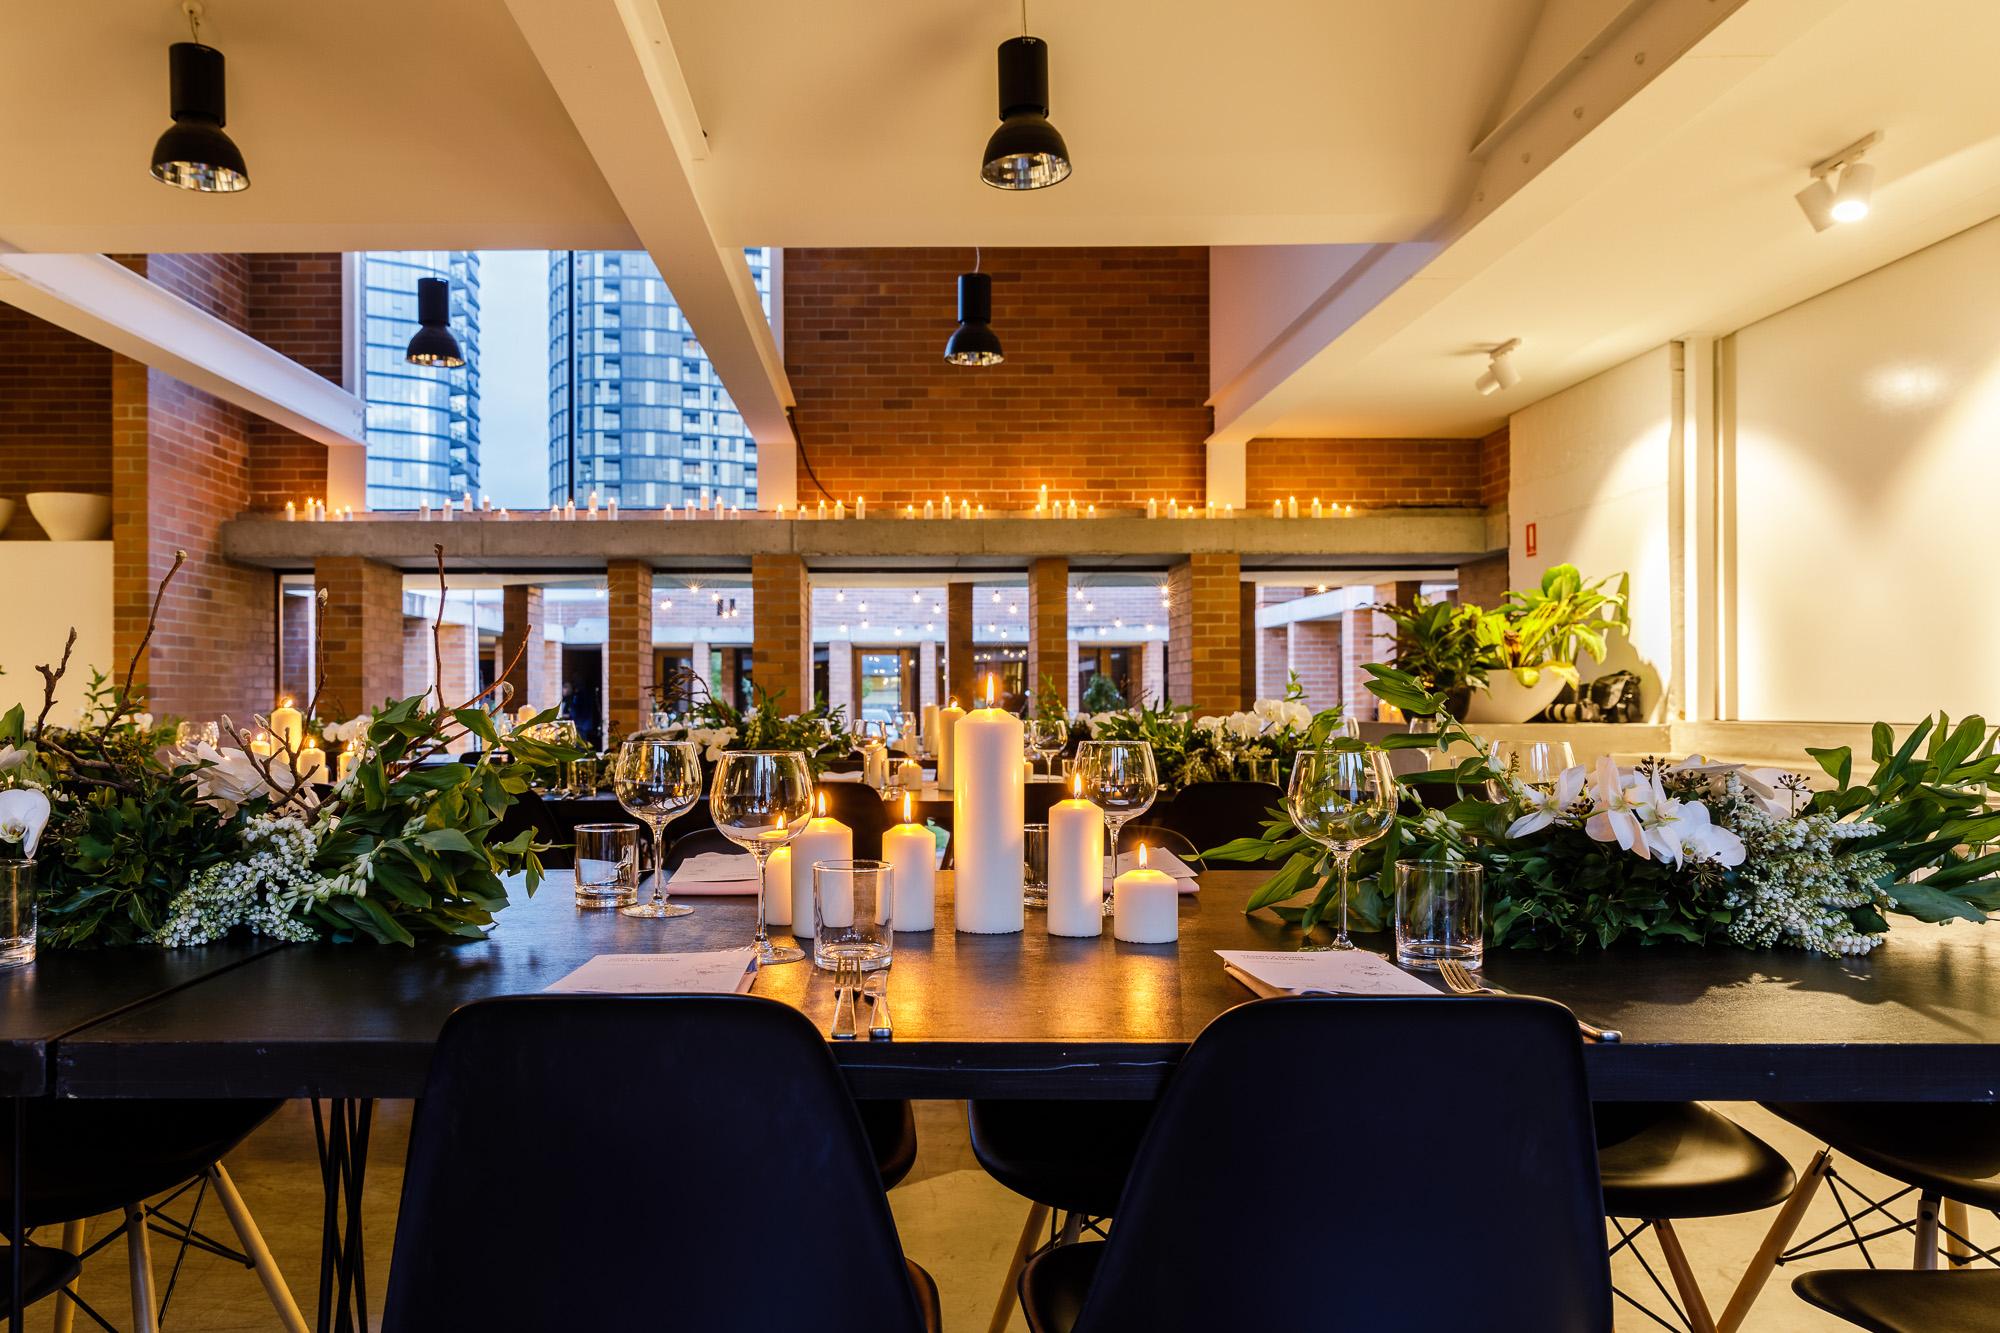 Hassell + Gauge Restaurant Long Table Dinner